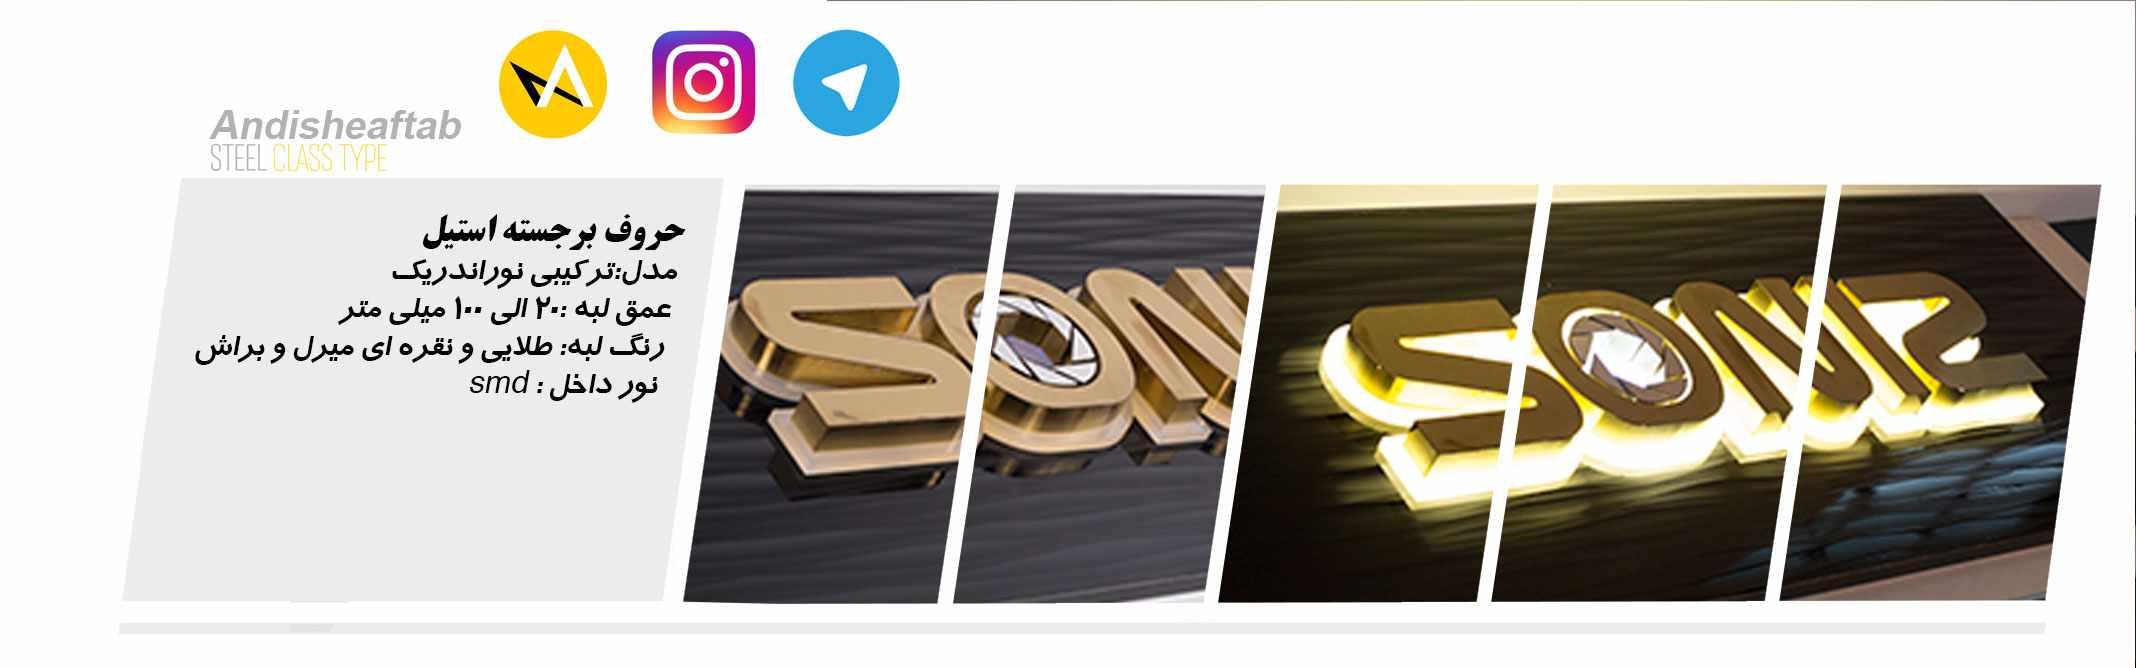 تابلو استیل ،نمونه کار تابلو استیل ،حروف برجسته استیل